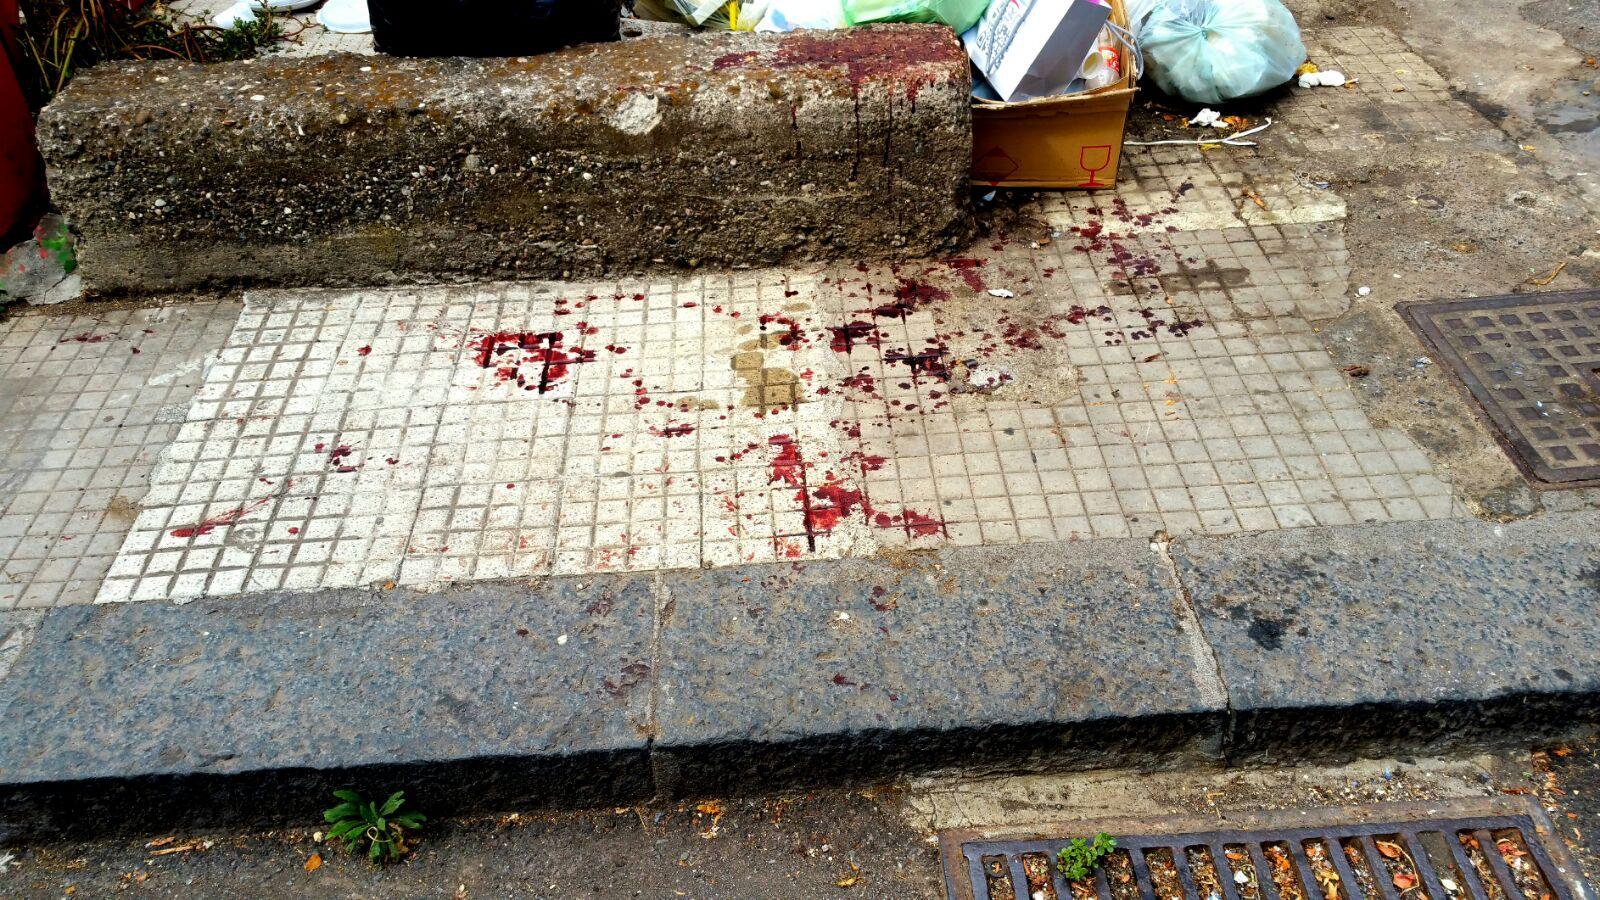 Conflitto a fuoco a Giarre, rapinatore ferito dai poliziotti di Catania